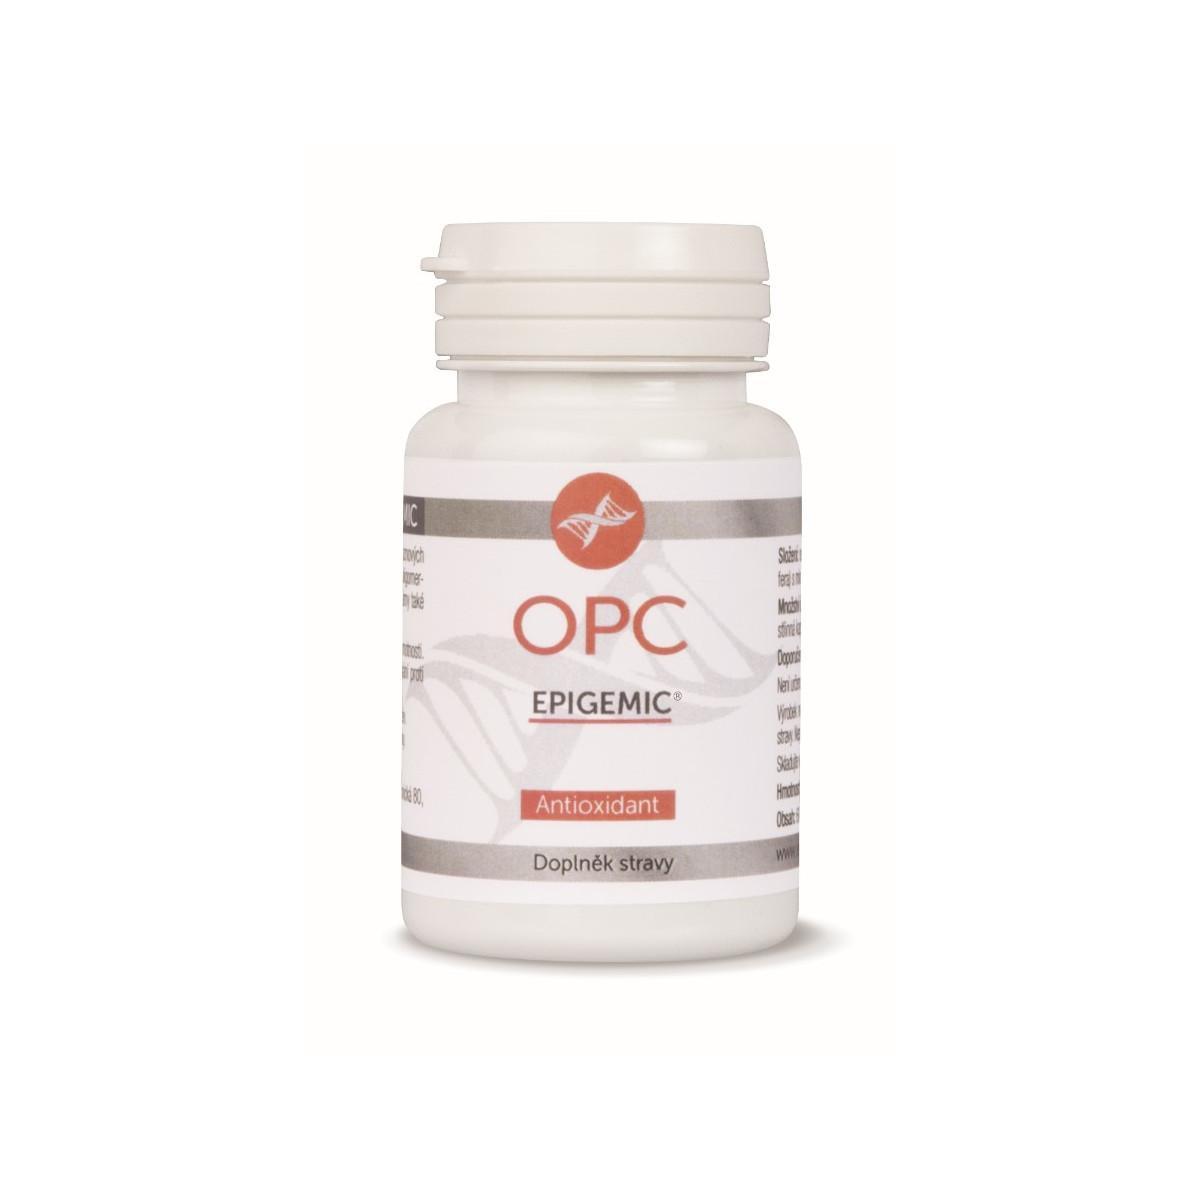 Epigemic OPC, kapsle 60 ks, 30 g